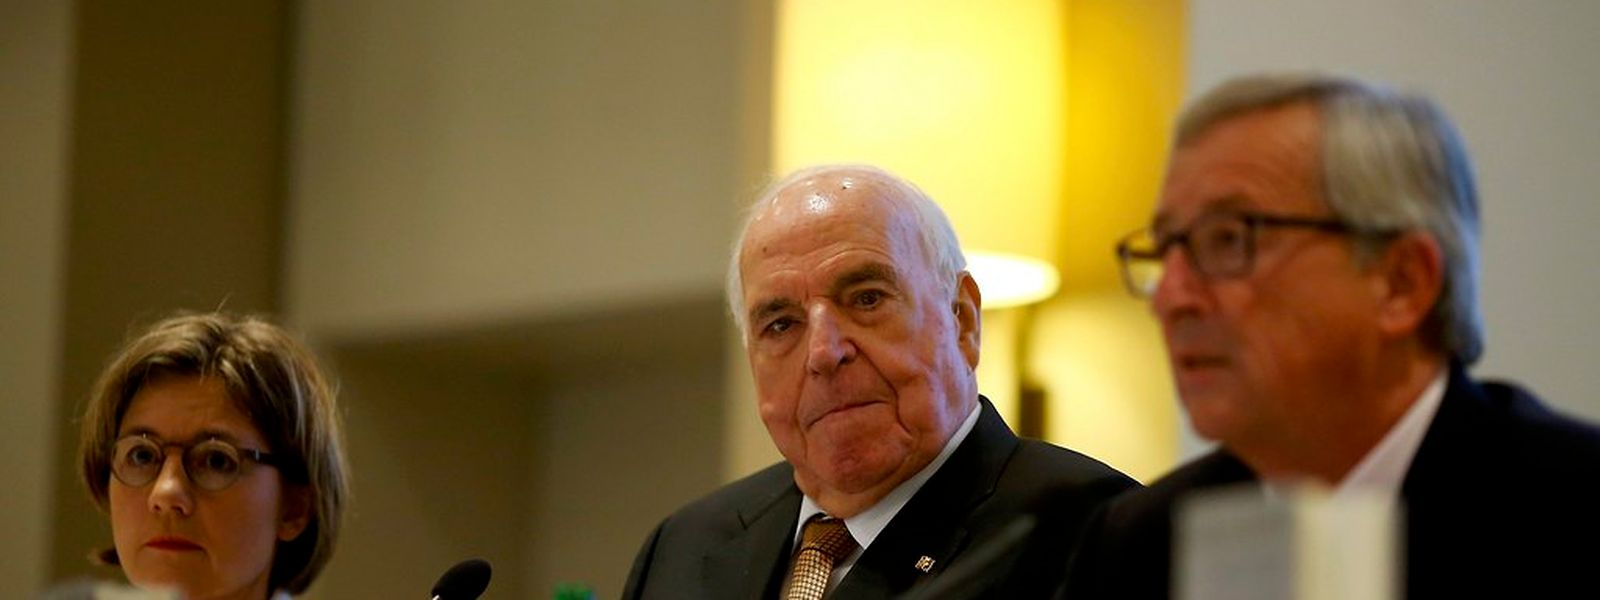 Helmut Kohl stellte am Montag sein neues Buch vor. Begleitet wurde er dabei von seiner Frau Maike Kohl-Richter. Bei der Veranstaltung sprach auch Jean-Claude Juncker.